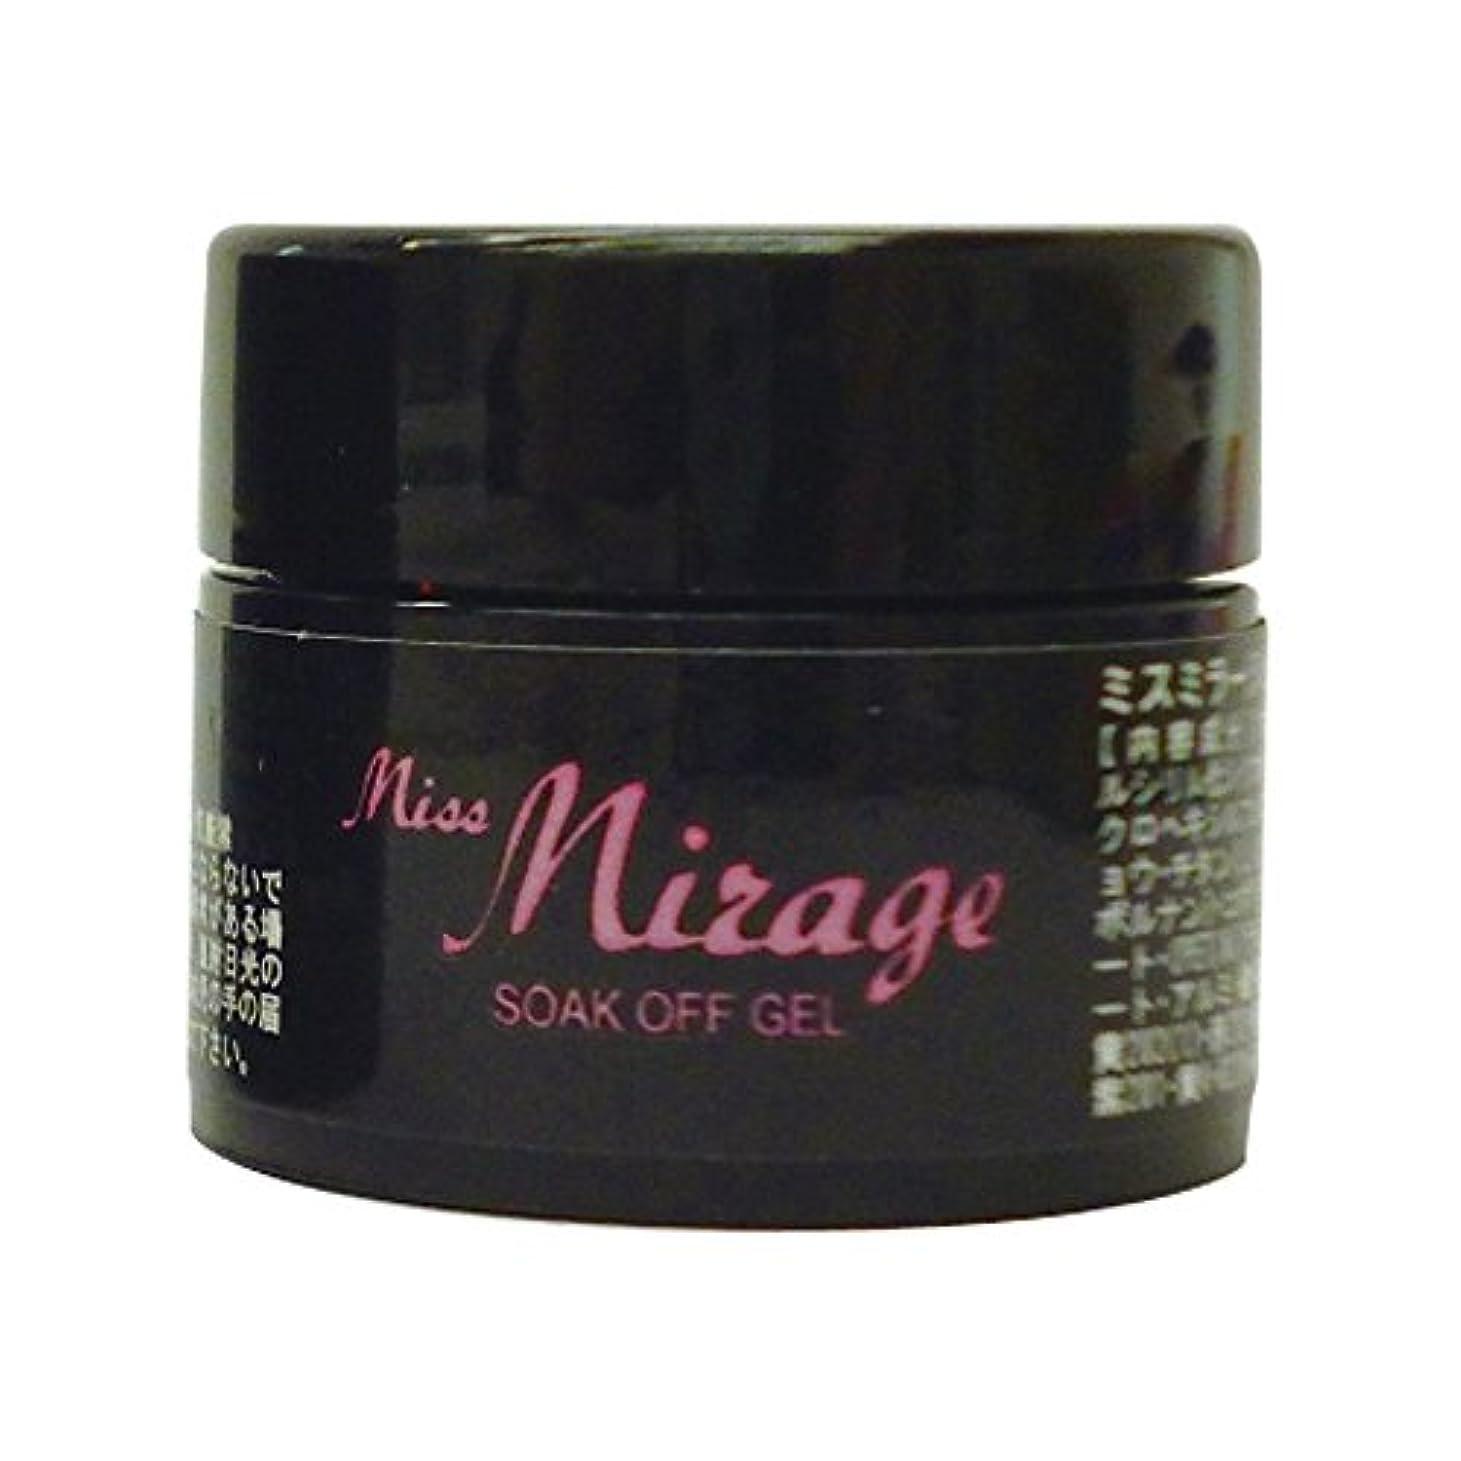 ファッションジレンマ要求Miss Mirage ソークオフジェル TM23S 2.5g トゥルーリーカデットブルー